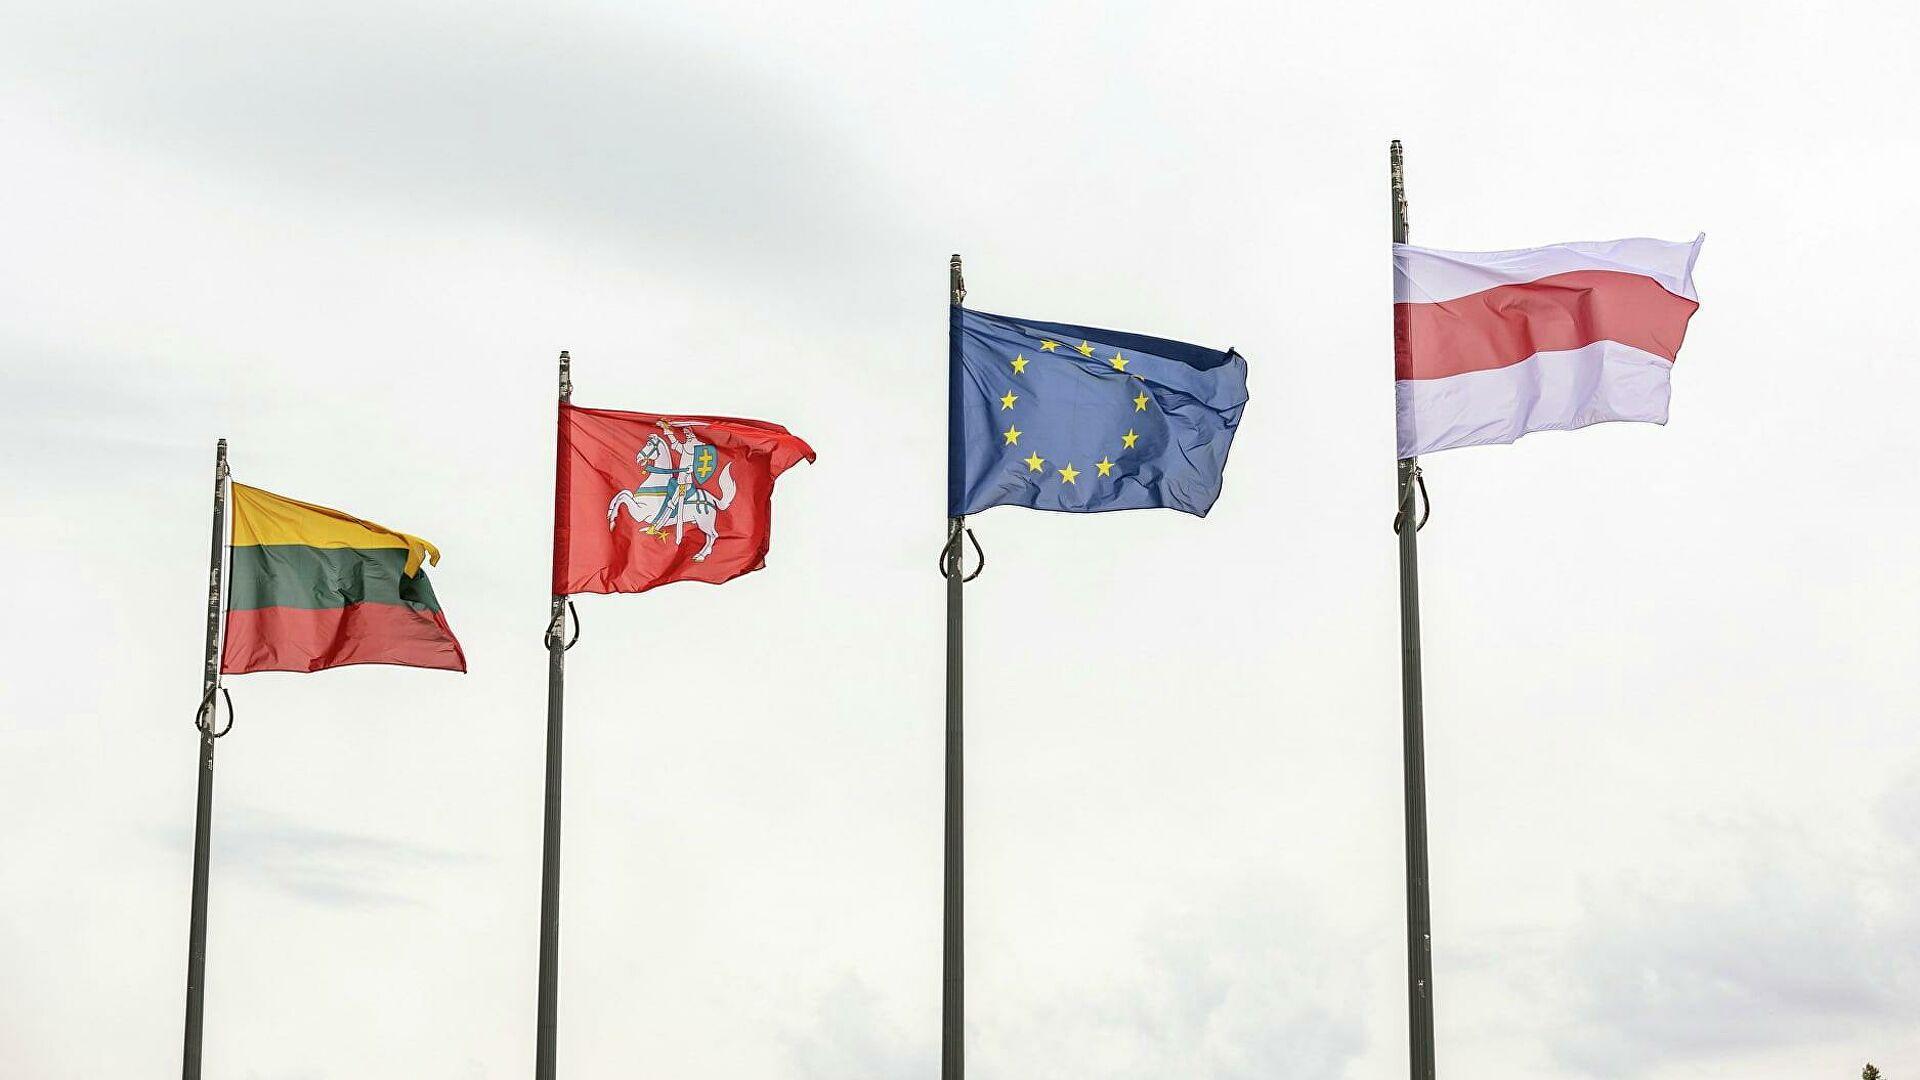 Мэрия Вильнюса вывесила флаг белорусской оппозиции вместо городского